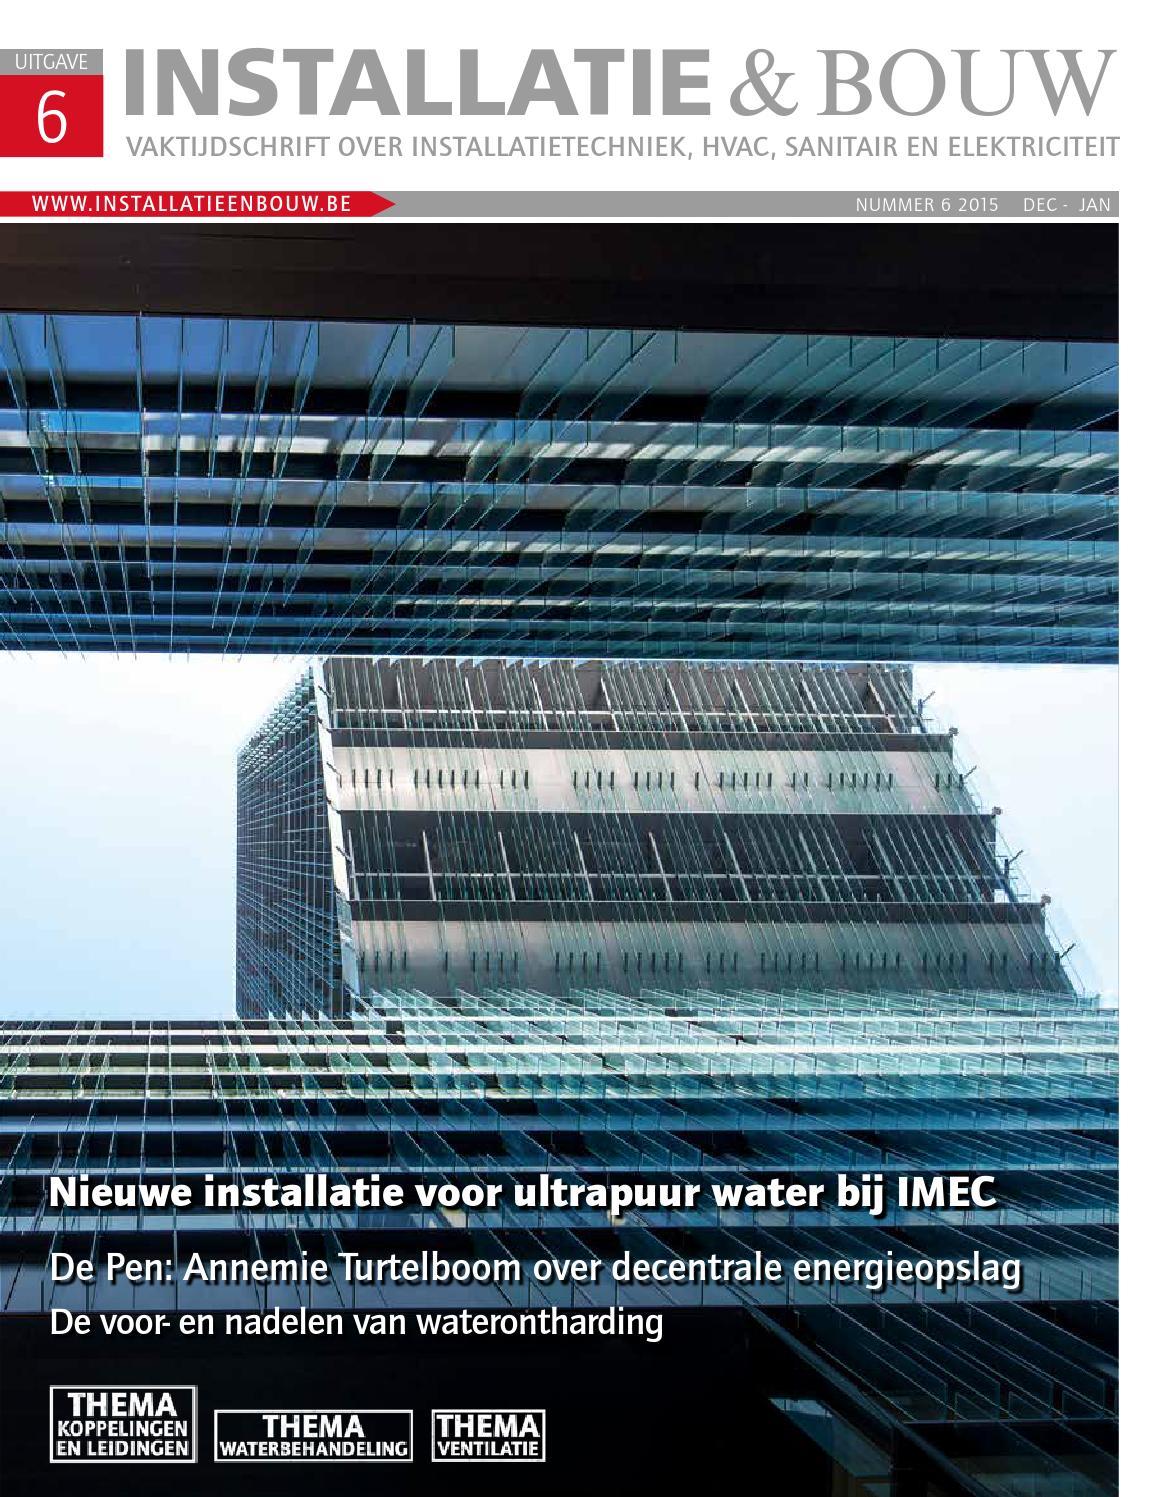 Installatie & bouw be 02 2015 by louwers uitgeversorganisatie bv ...